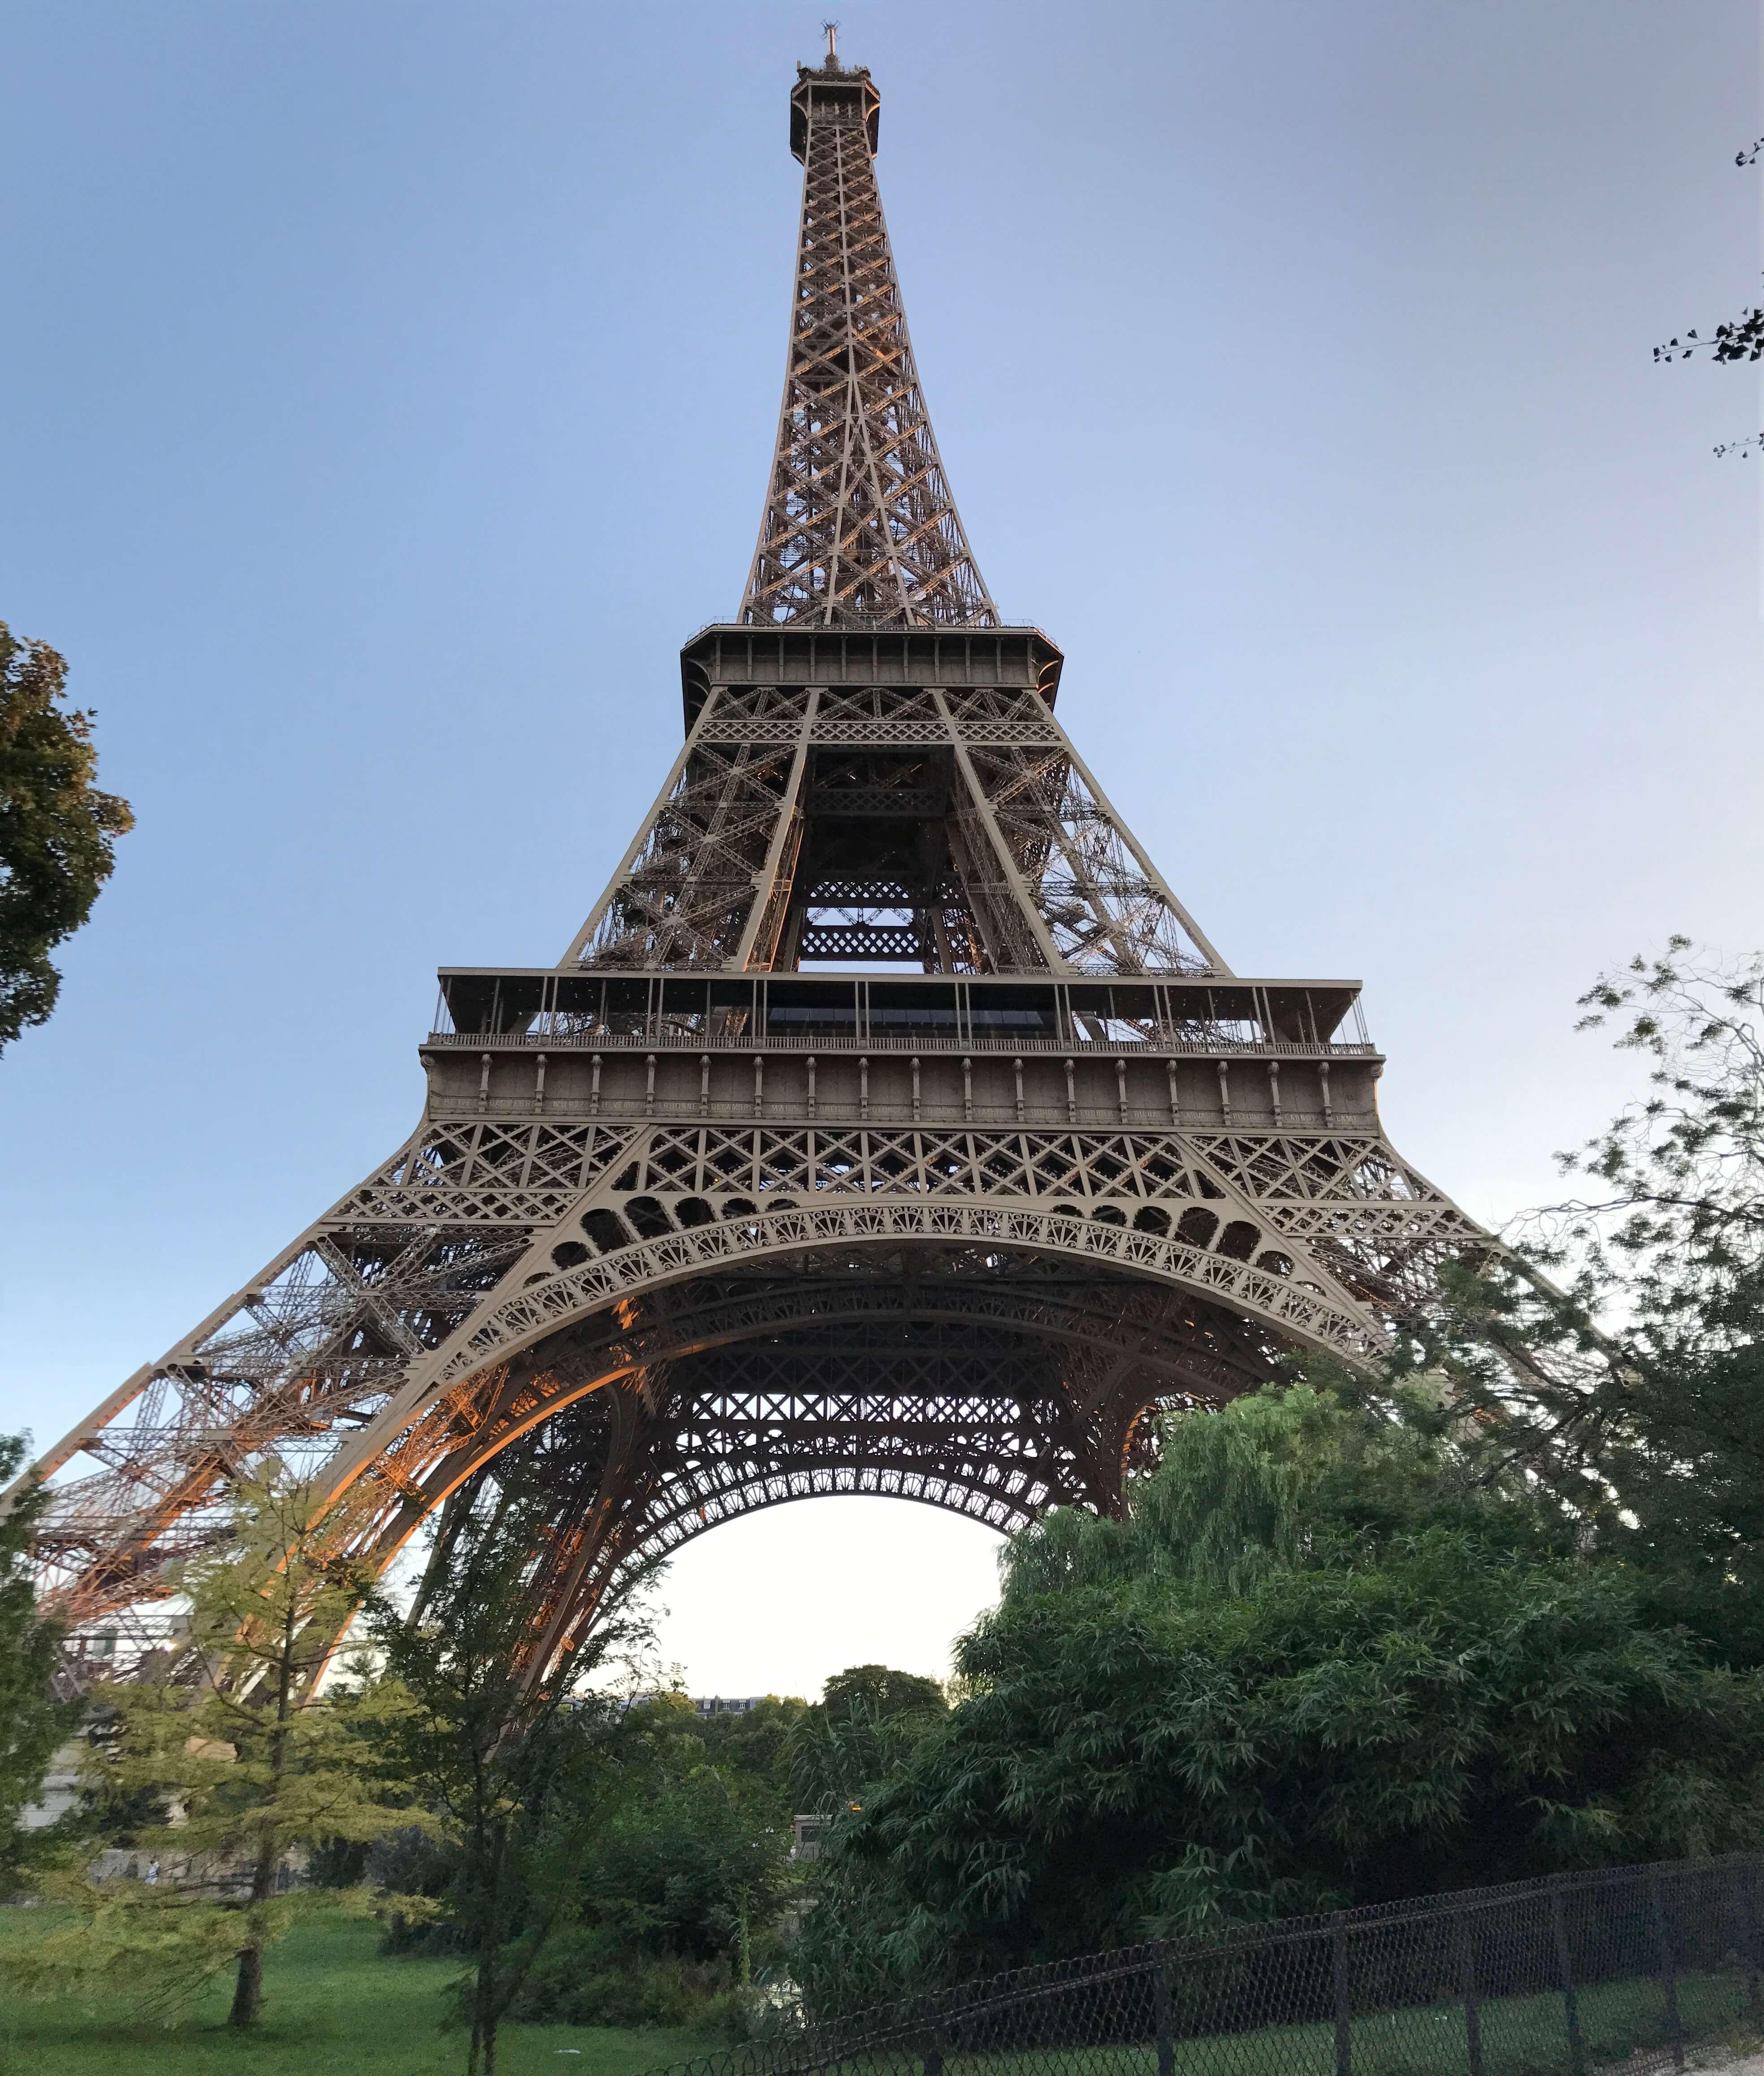 法國巴黎艾菲爾鐵塔日景 photo by 倍包客